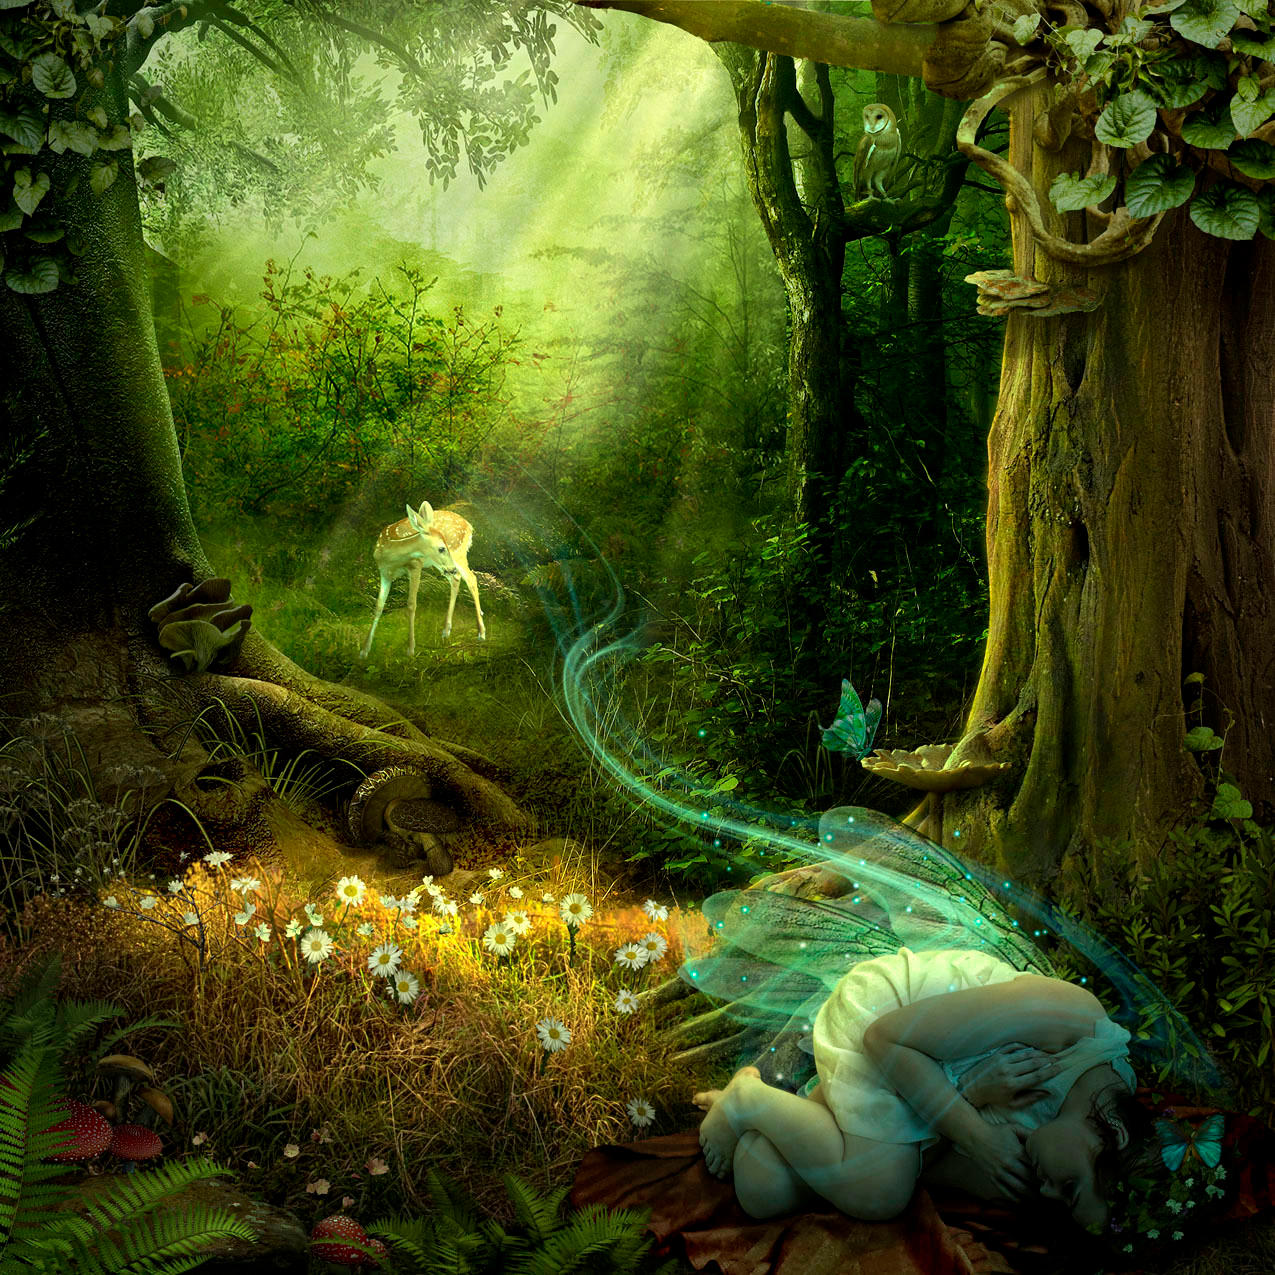 Sleeping Faerie by funkwood